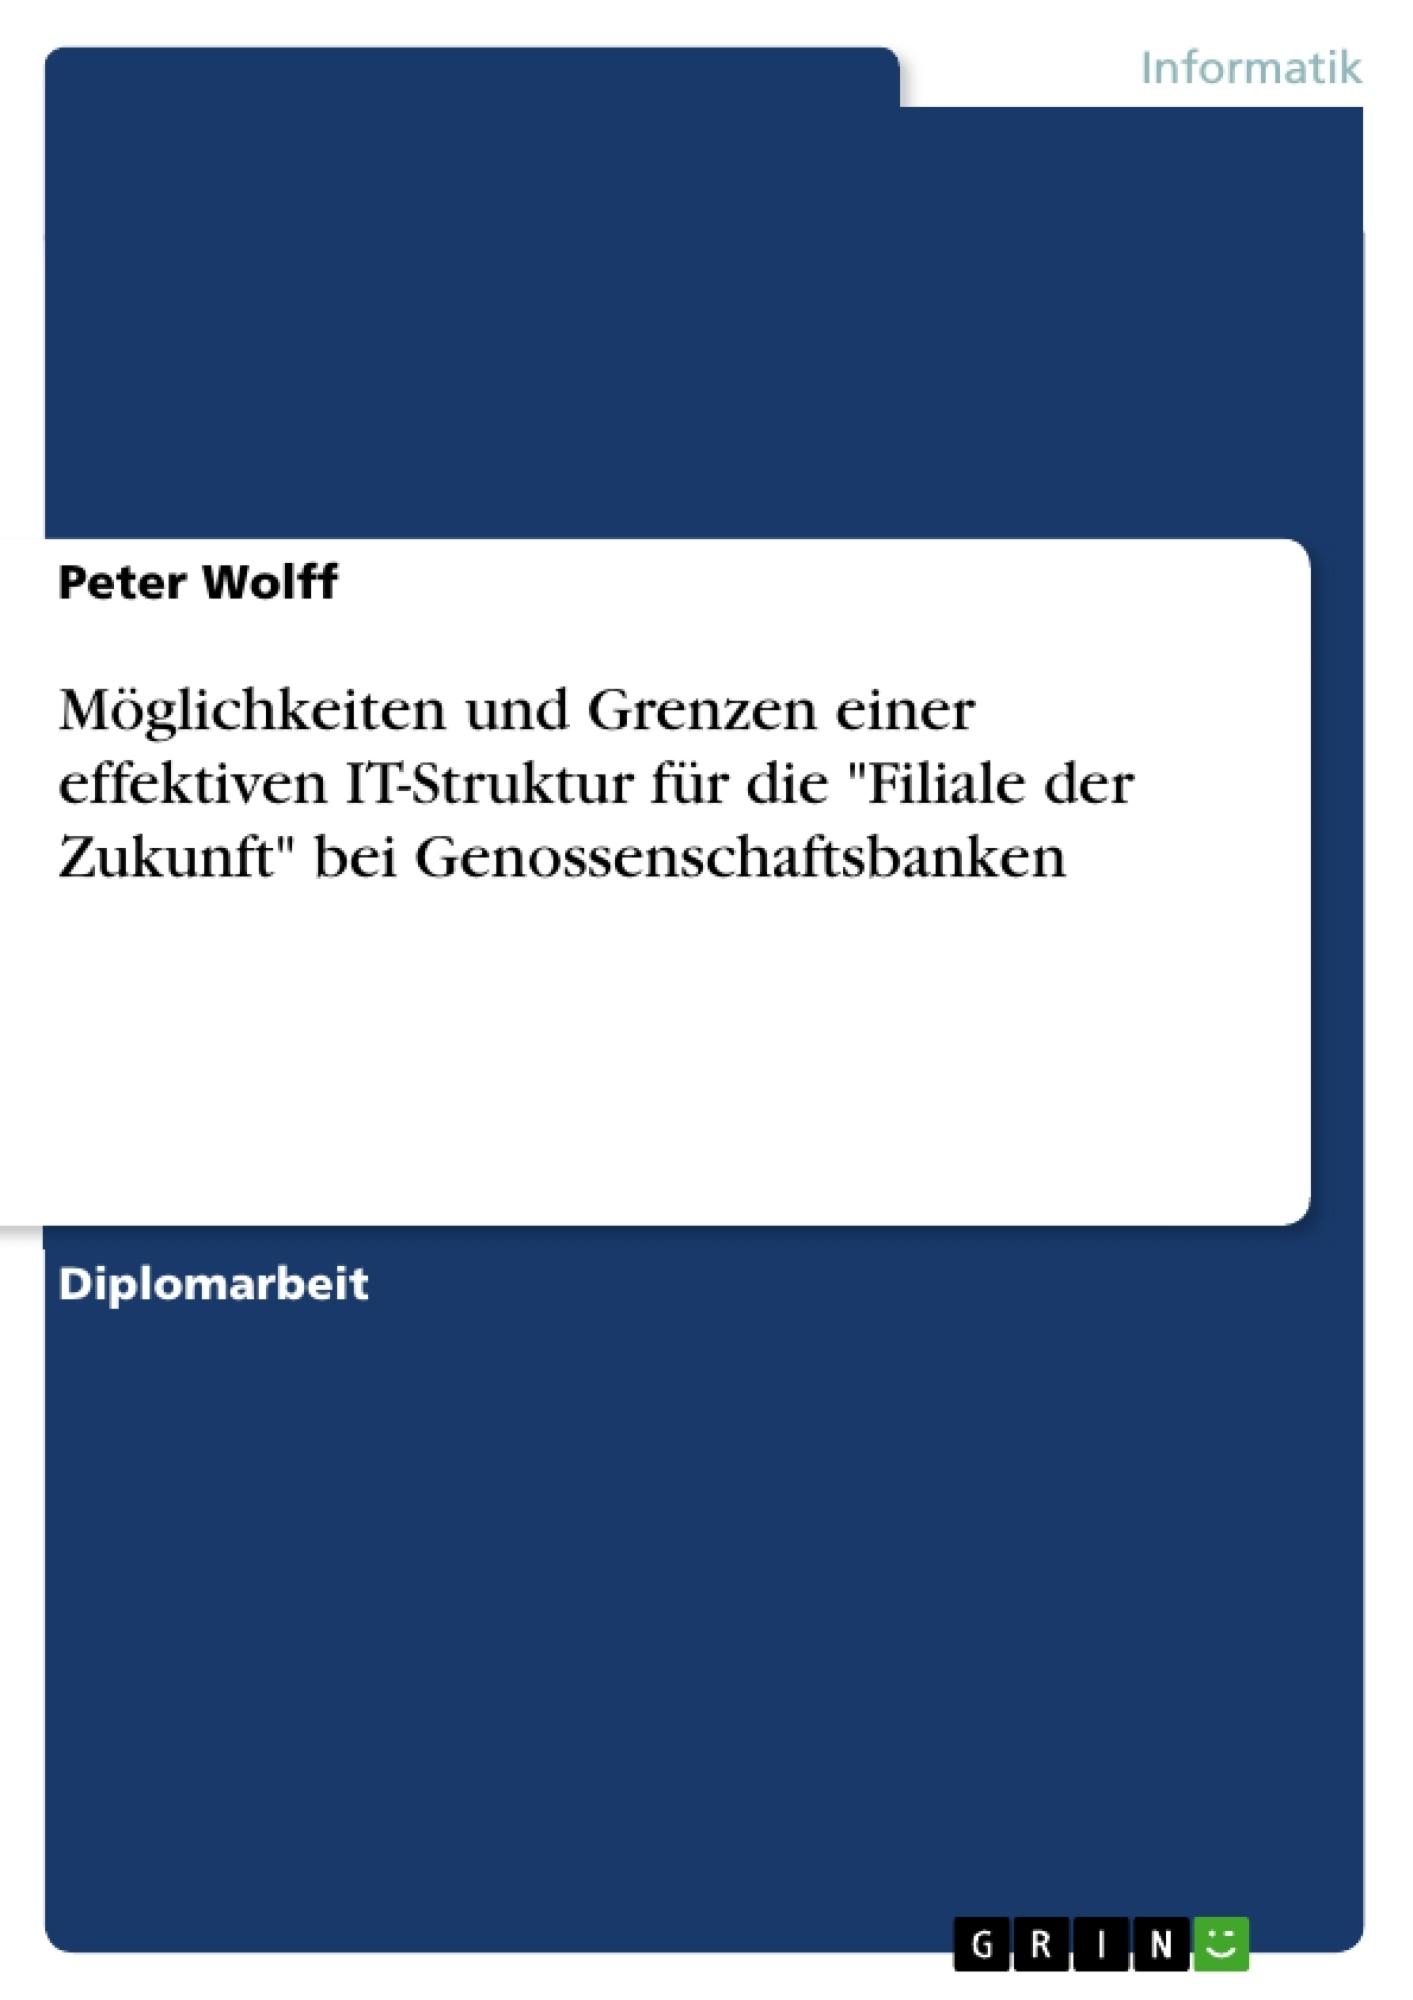 """Titel: Möglichkeiten und Grenzen einer effektiven  IT-Struktur für die """"Filiale der Zukunft""""  bei Genossenschaftsbanken"""